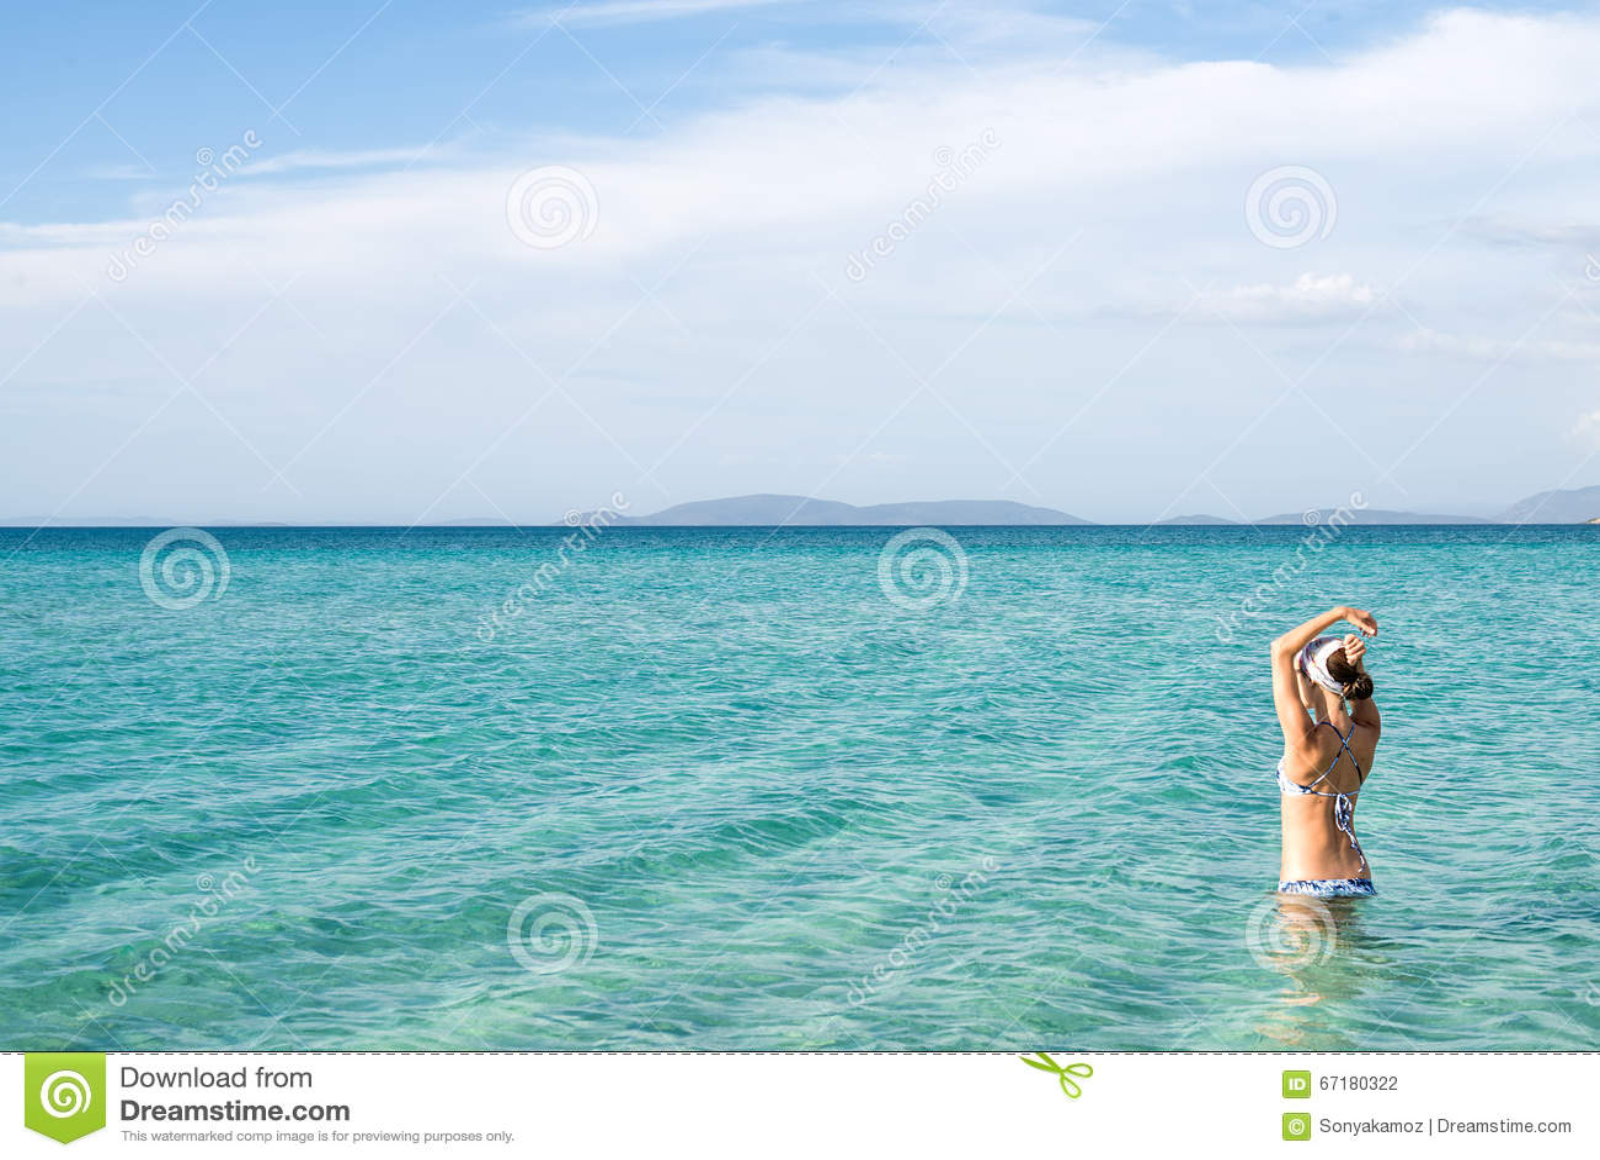 3dfdfc05e2b8 Back of beautiful woman in blue bikini standing in the water on  Mediterranean sea coast in Cesme